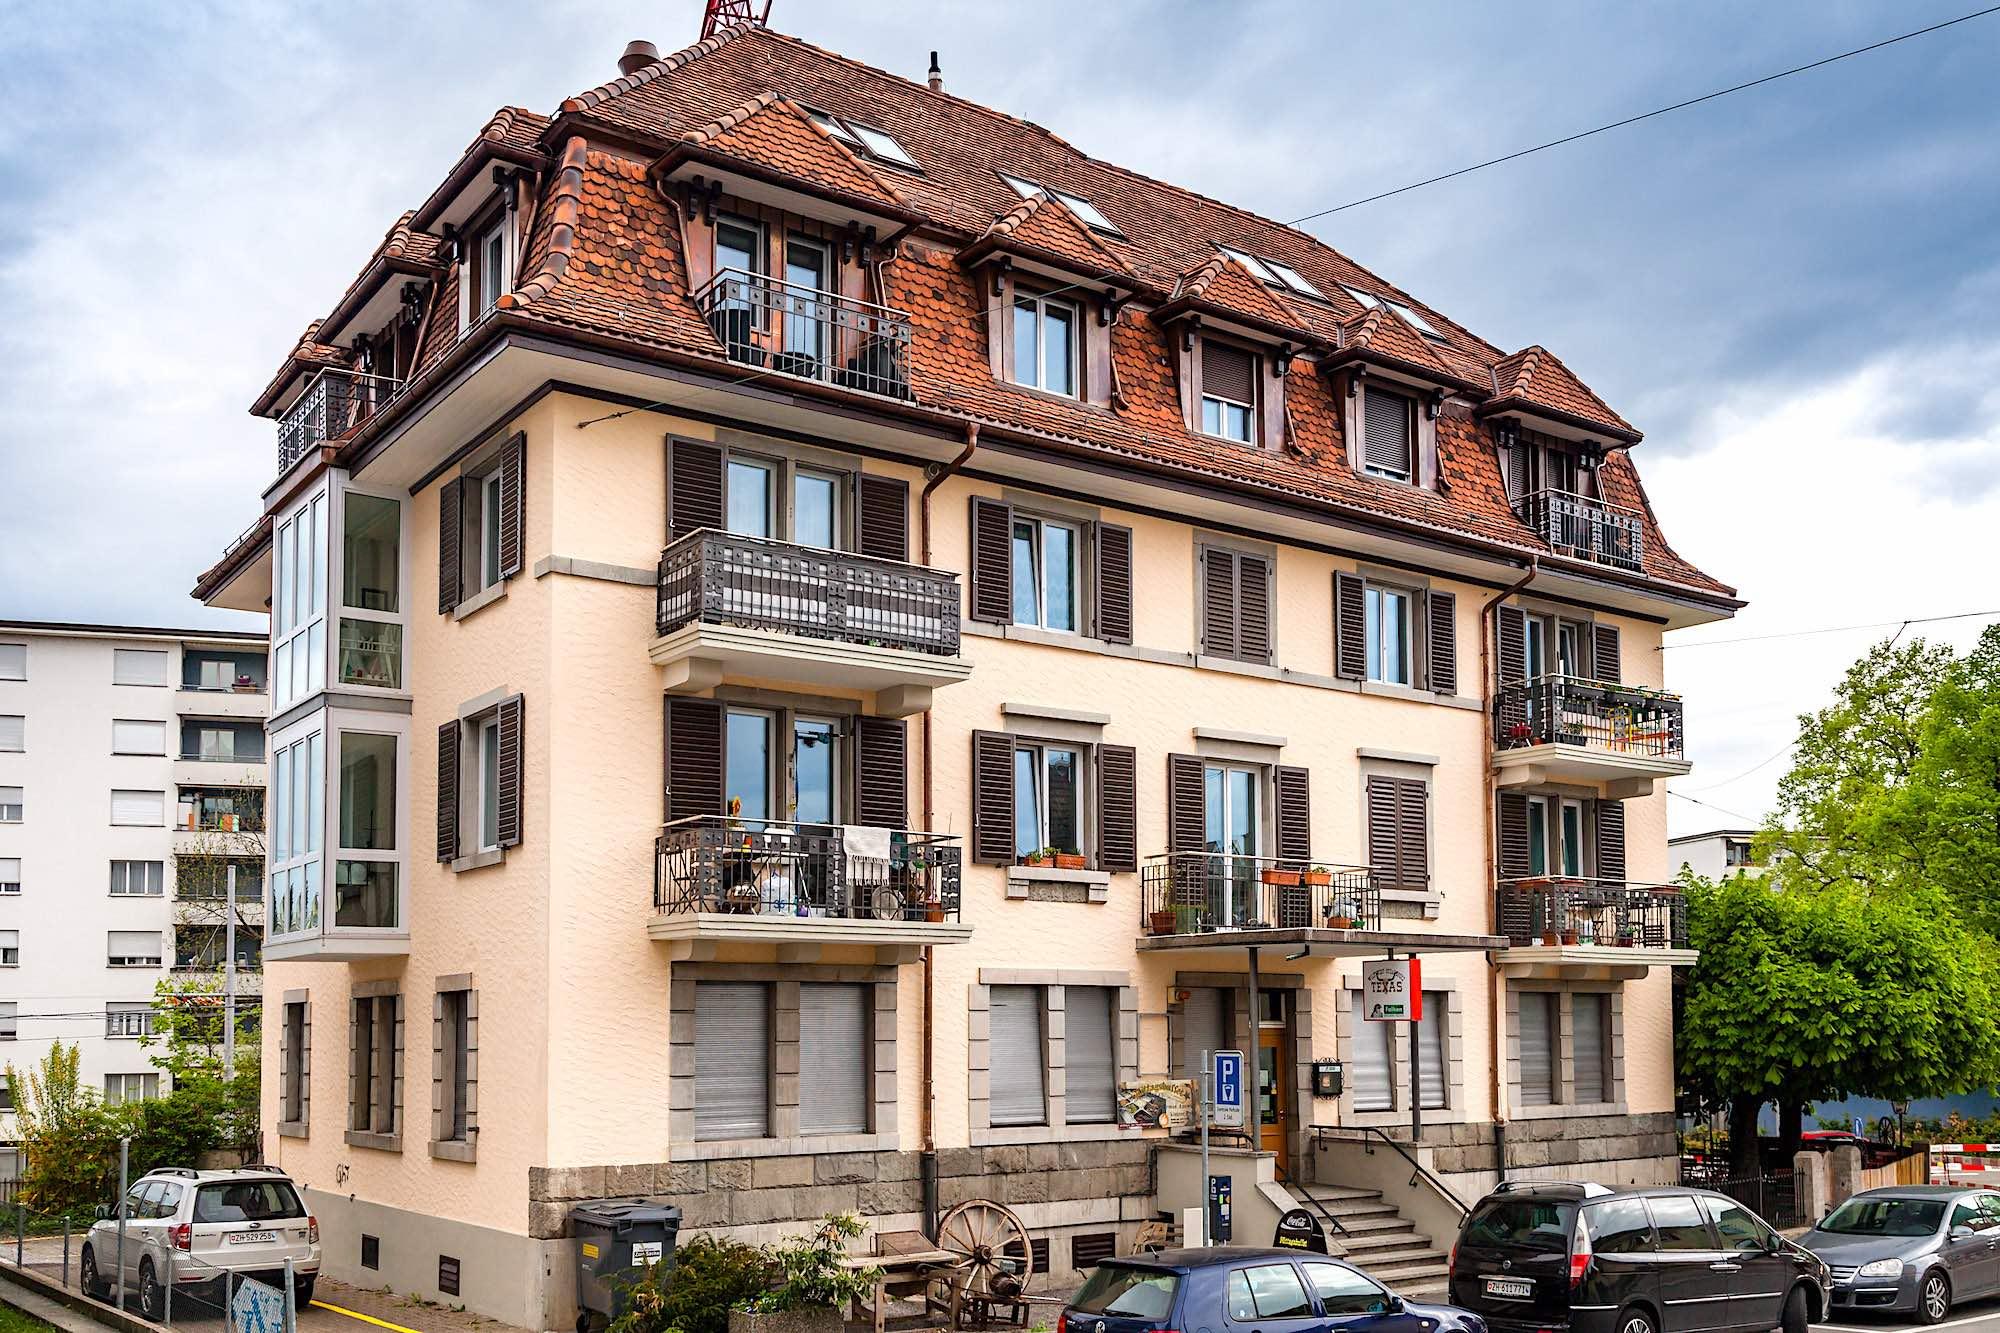 Badenerstrasse, Zürich - 11-Familienhaus mit Gastronomiebetrieb im EGAusgeführte Arbeiten:60 Fenster ersetzen im ganzen Haus (Kunststofffenster)Alle Fensterläden ersetzen (Aluminium-Fensterläden)11 Brandschutztüren (Wohnungs-Eingangstüren)2 abgehängte Stahl-Balkone (Erker)